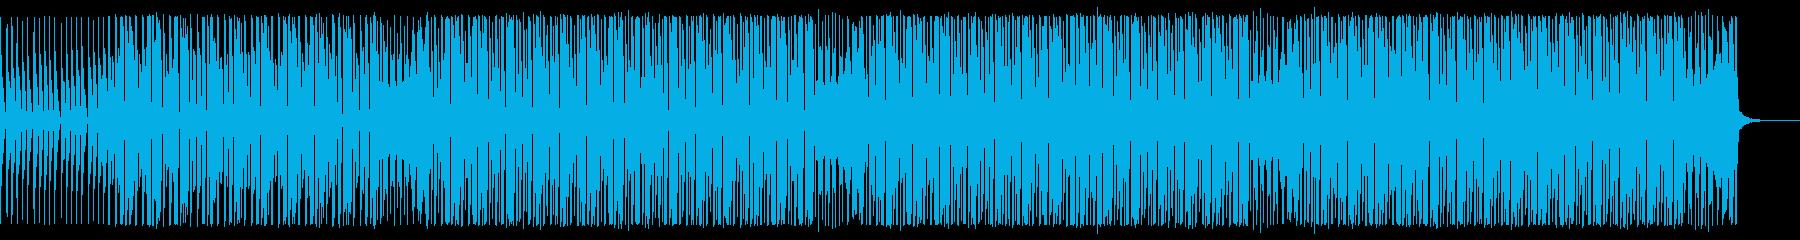 楽器が増えていくリズム重視なダンスPOPの再生済みの波形